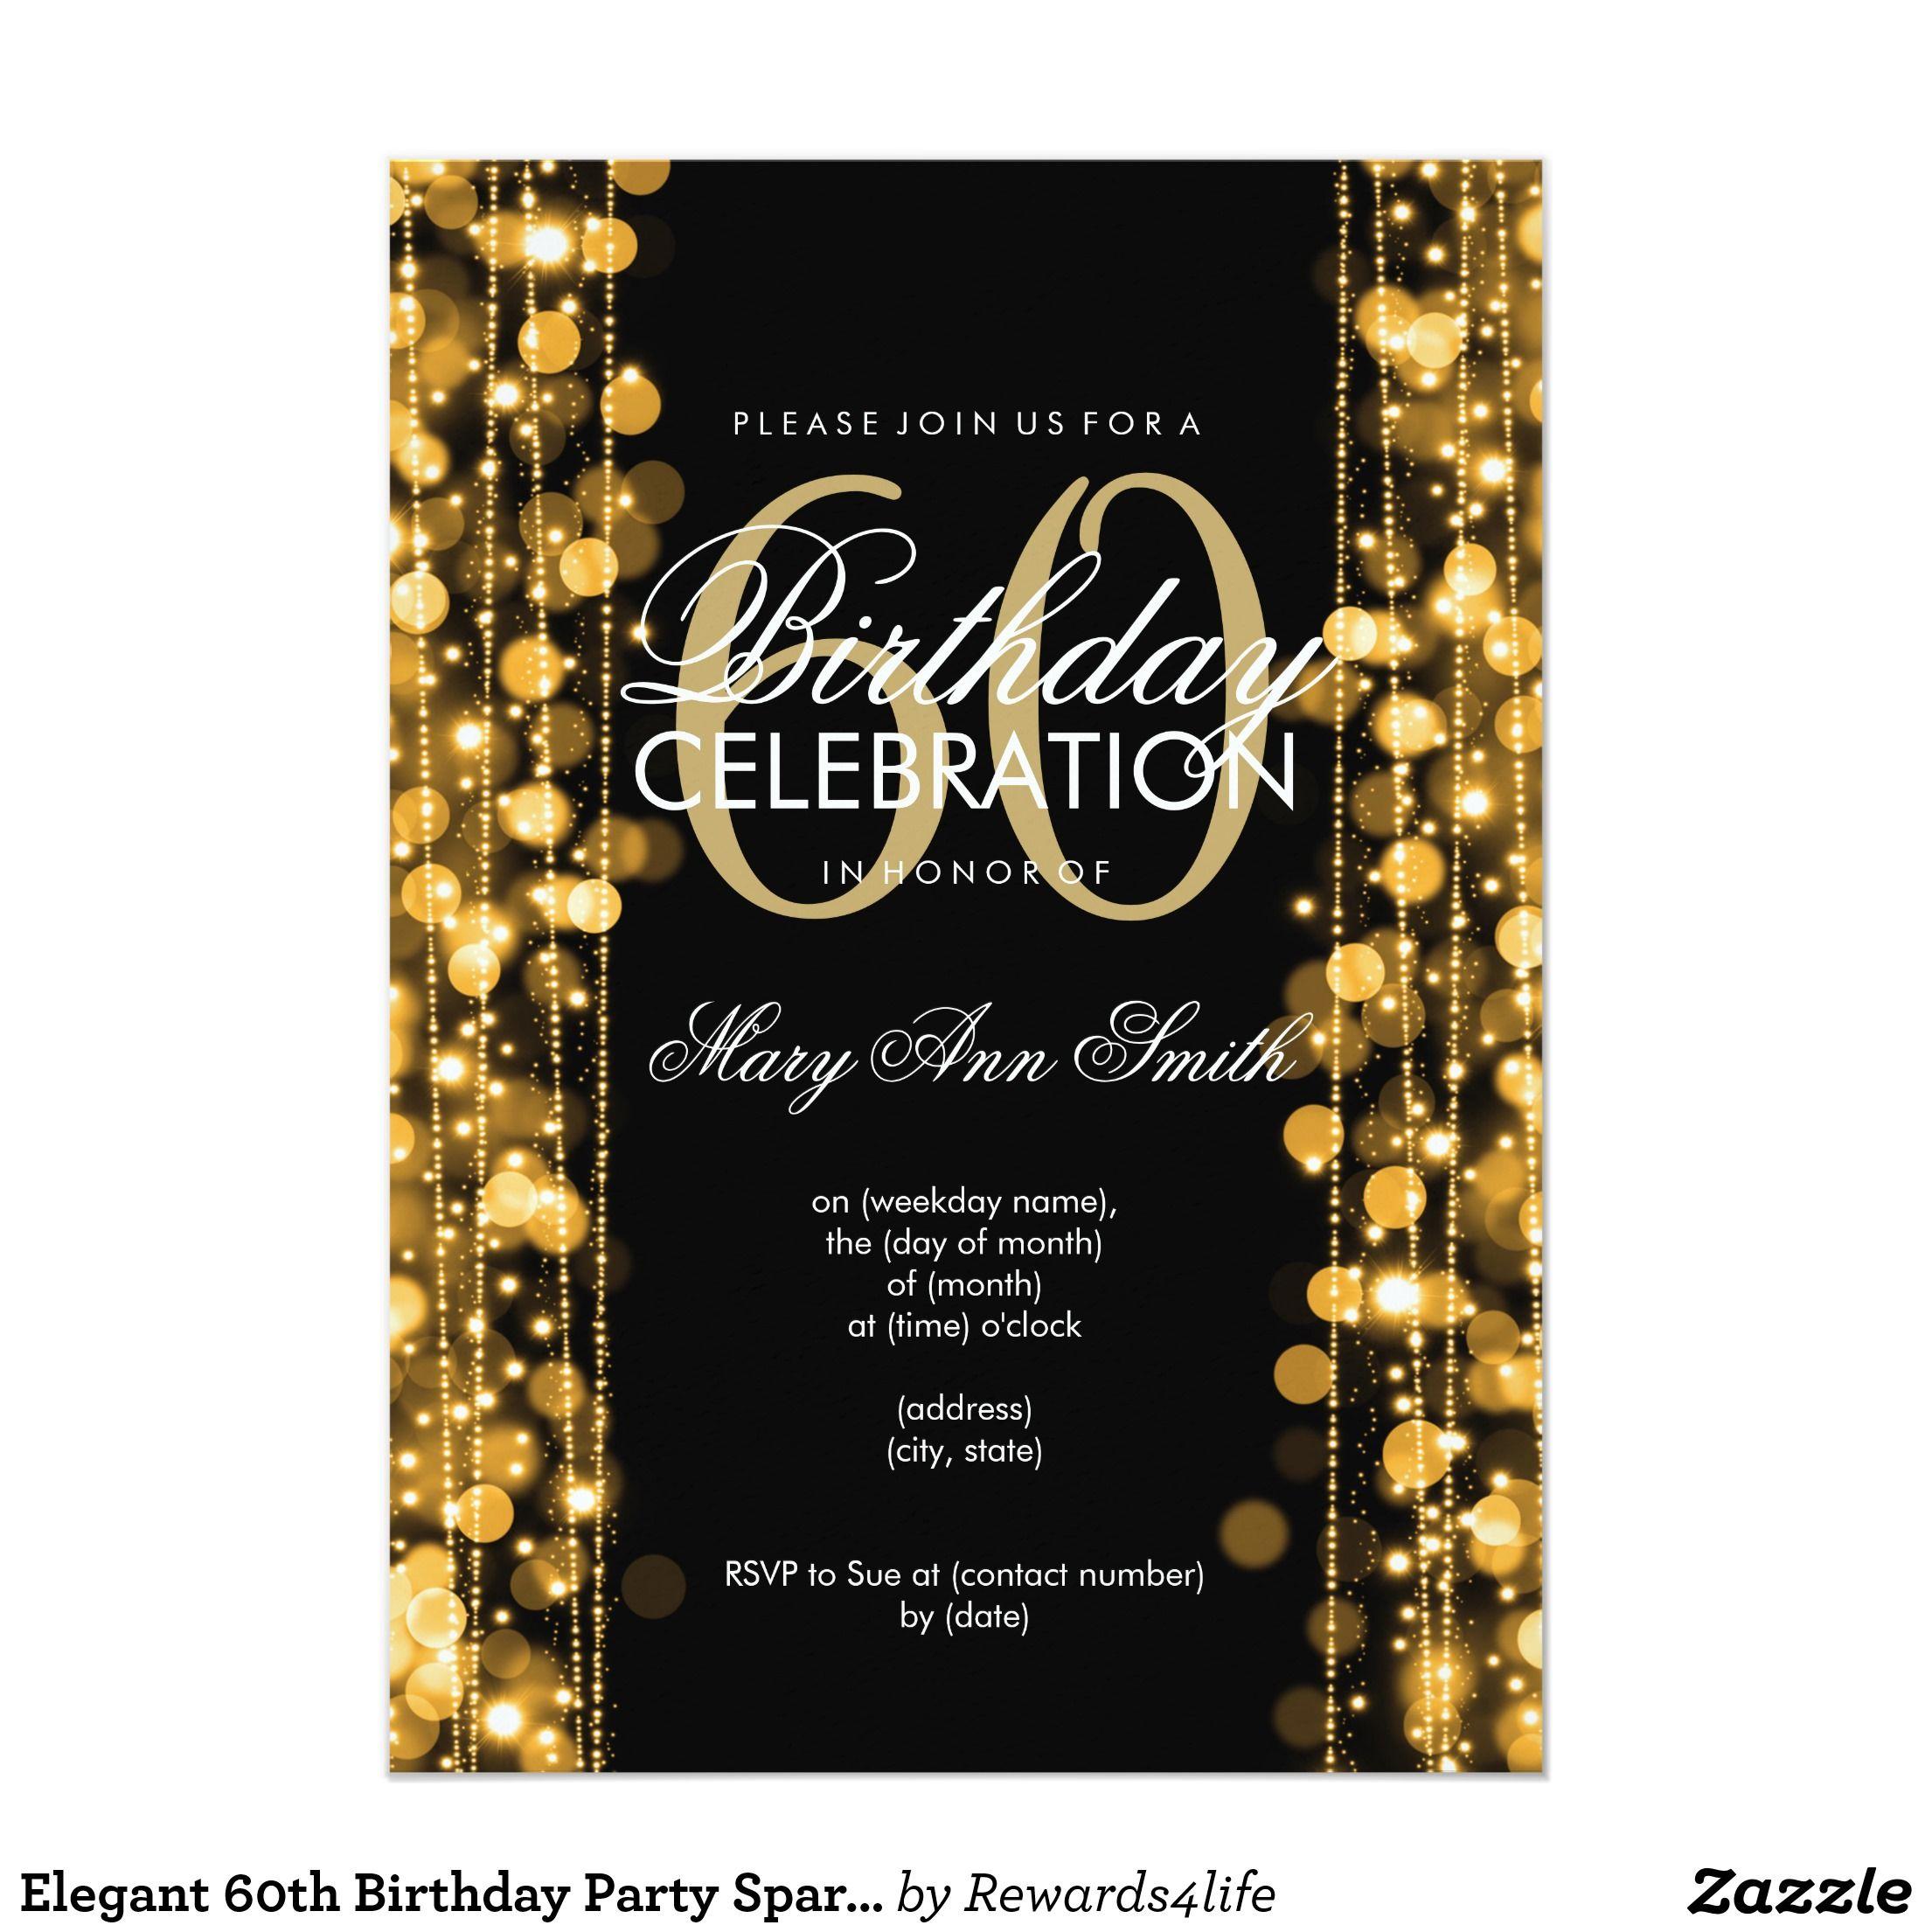 Elegant 60th Birthday Party Sparkles Gold Card Elegant and Birthdays